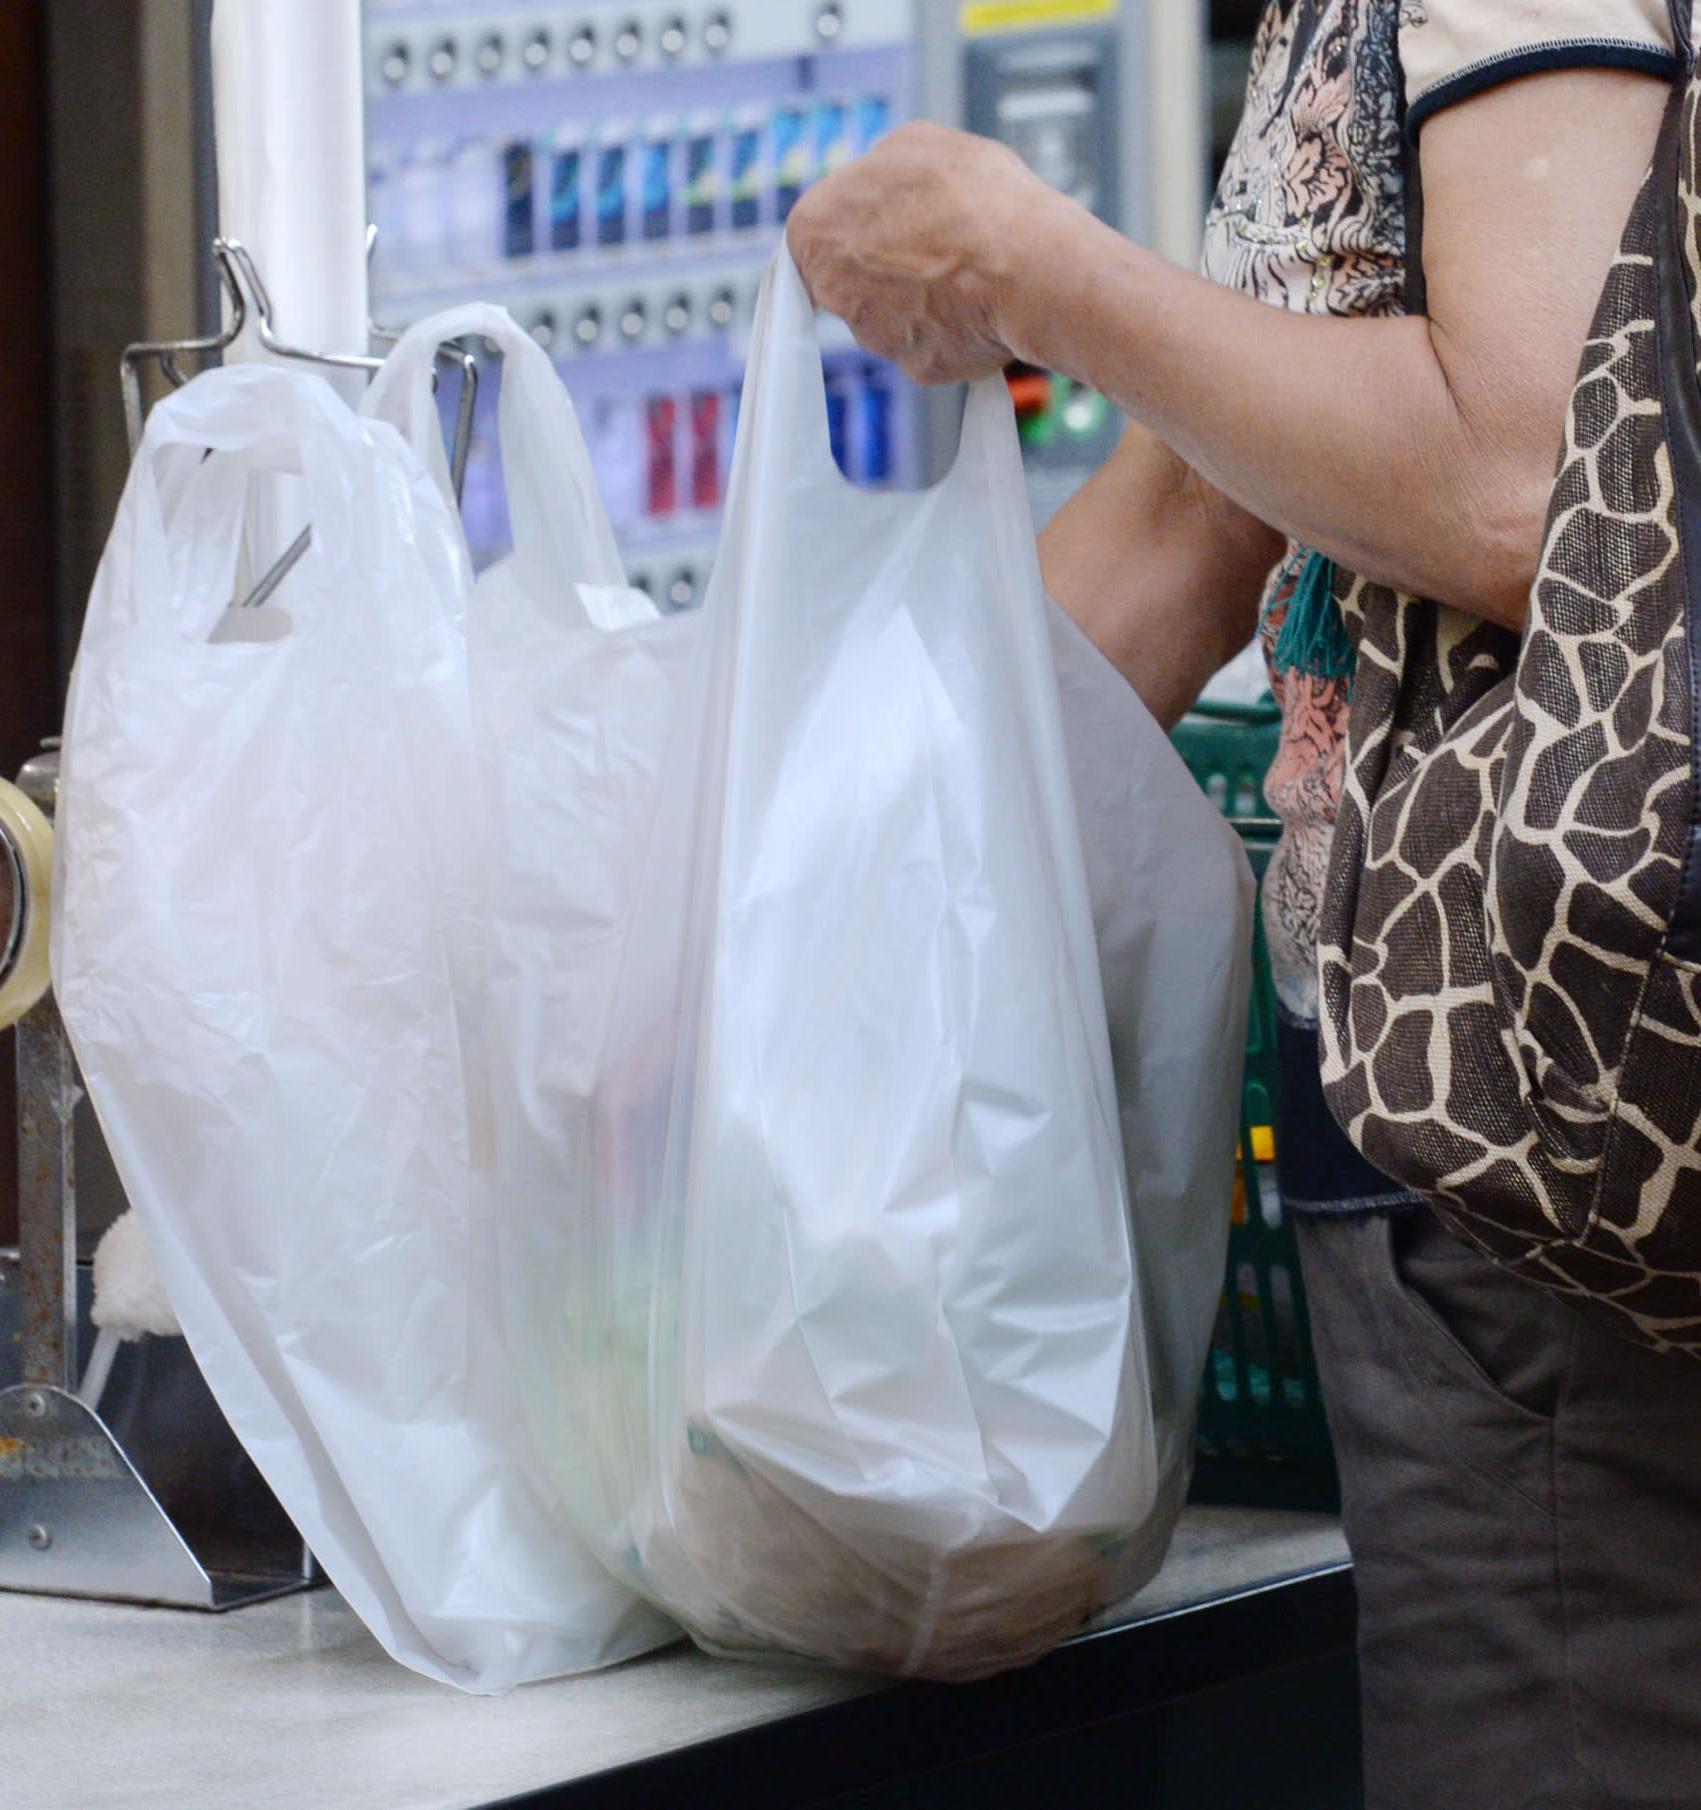 Первый город в Японии запретил пластиковые пакеты